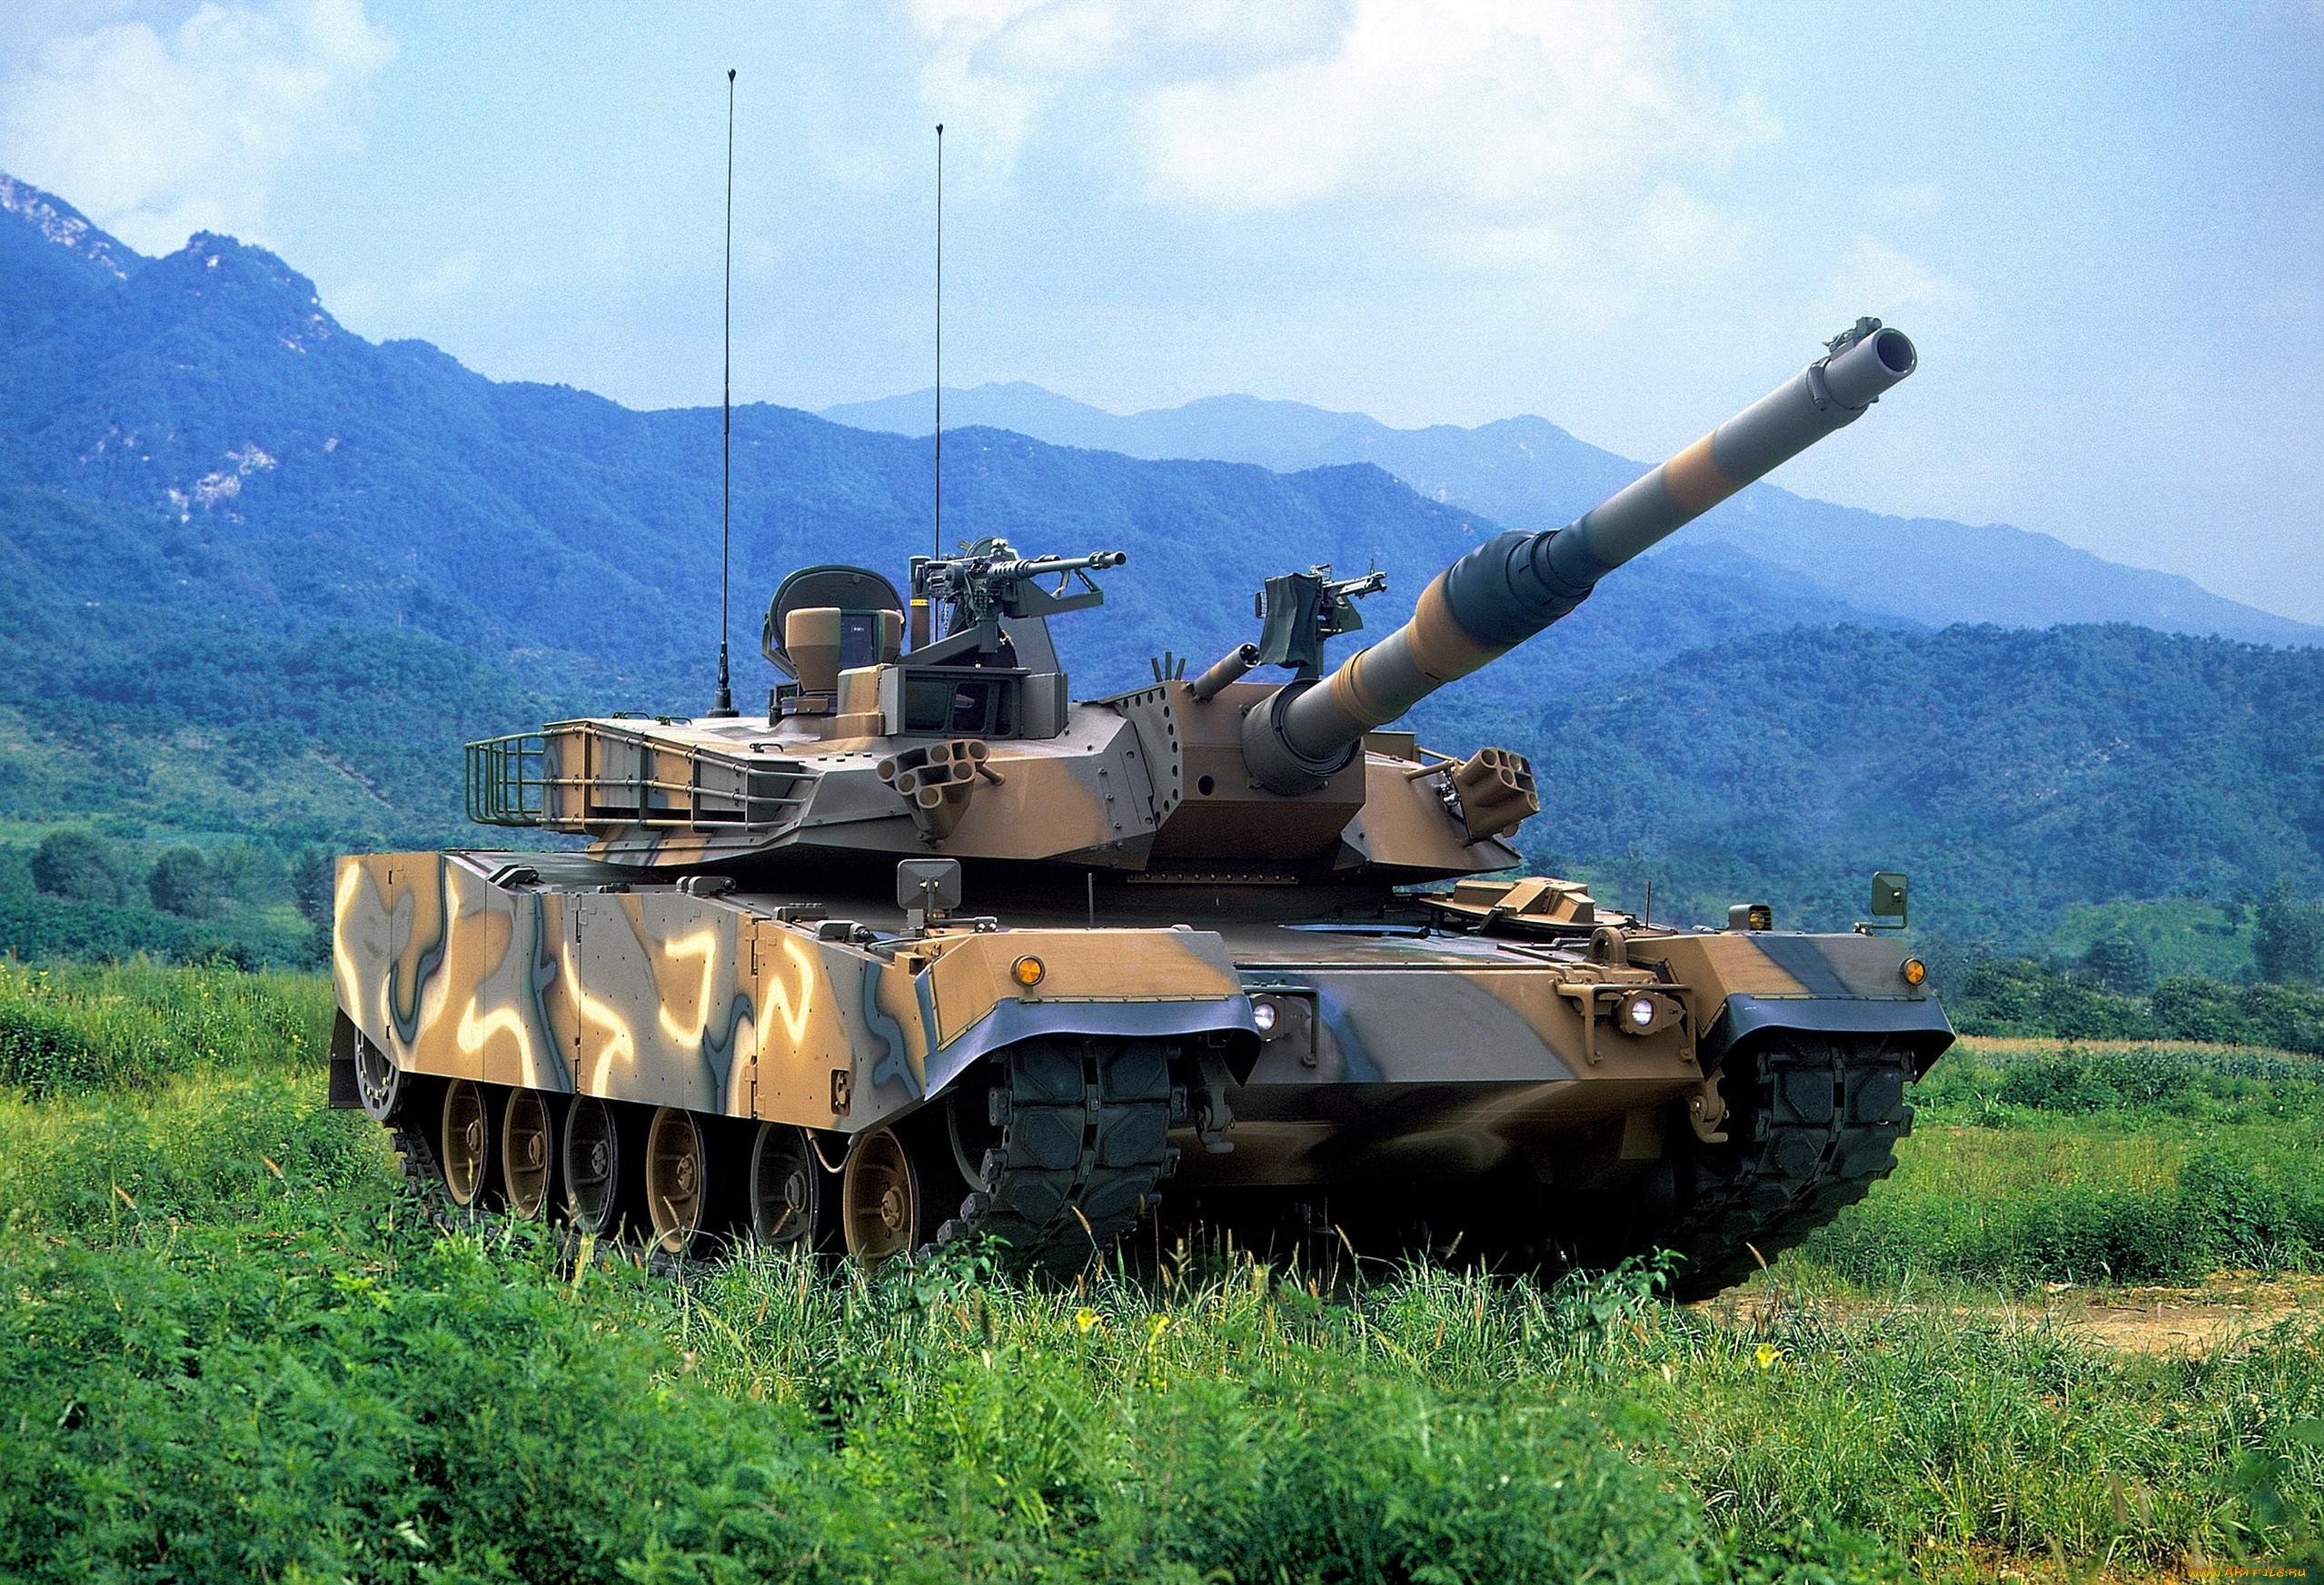 фото военной техники высокого разрешения жители рассказывают